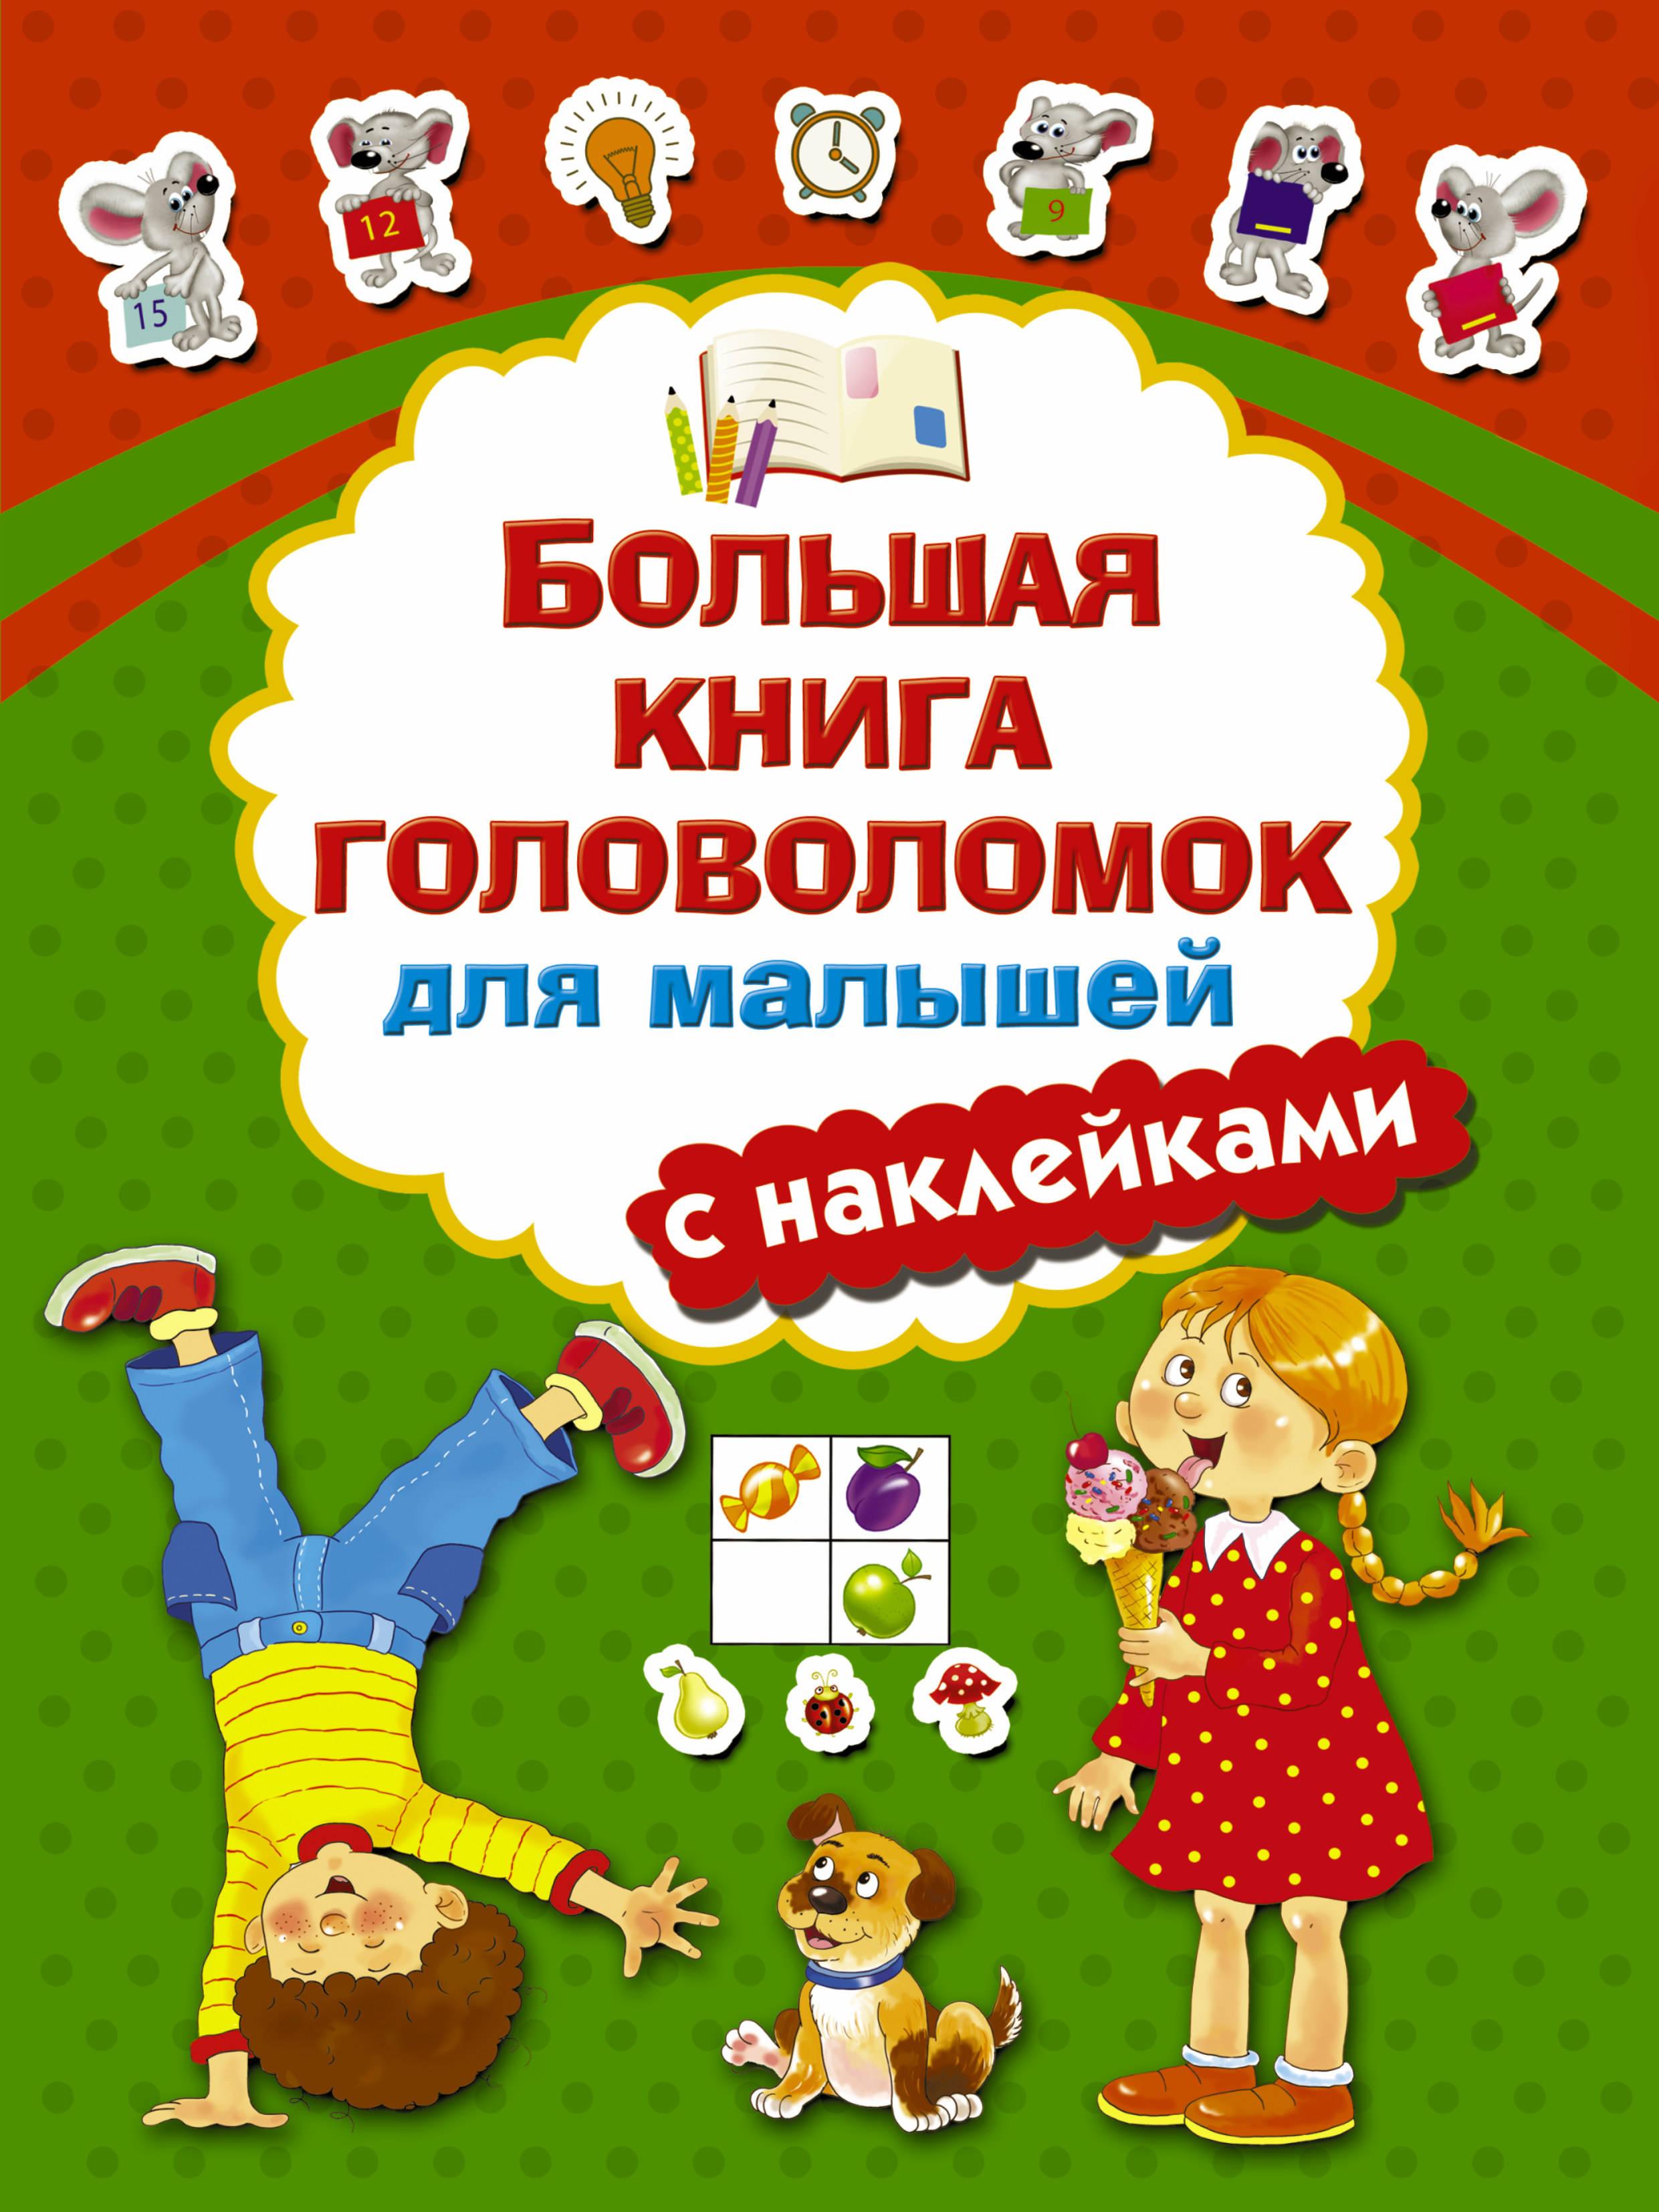 В. Г. Дмитриева Большая книга головоломок для малышей (+ наклейки) игры для развития системного мышления